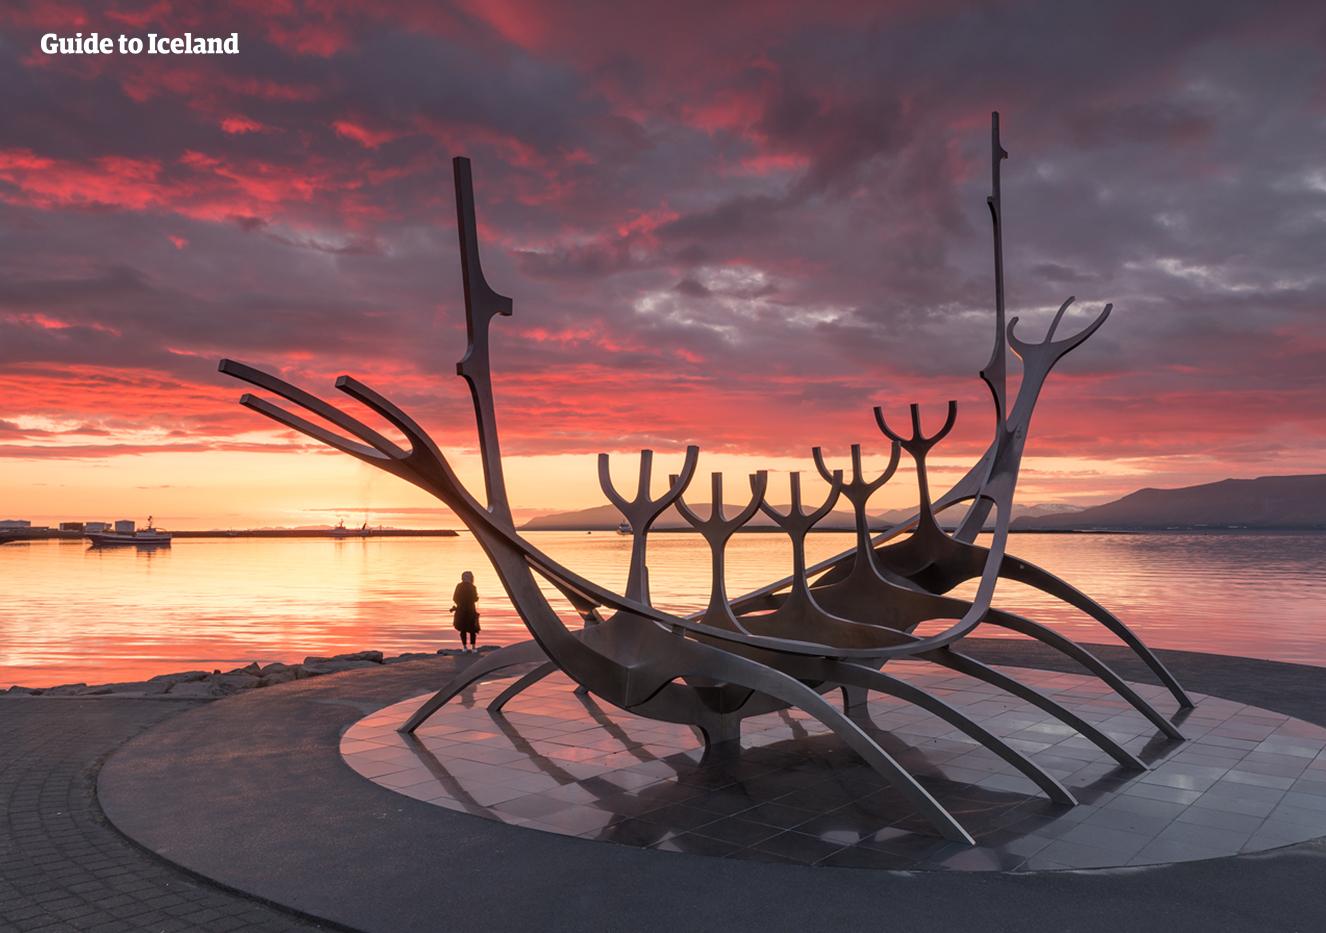 冰岛蓝湖温泉是著名的旅游景点之一